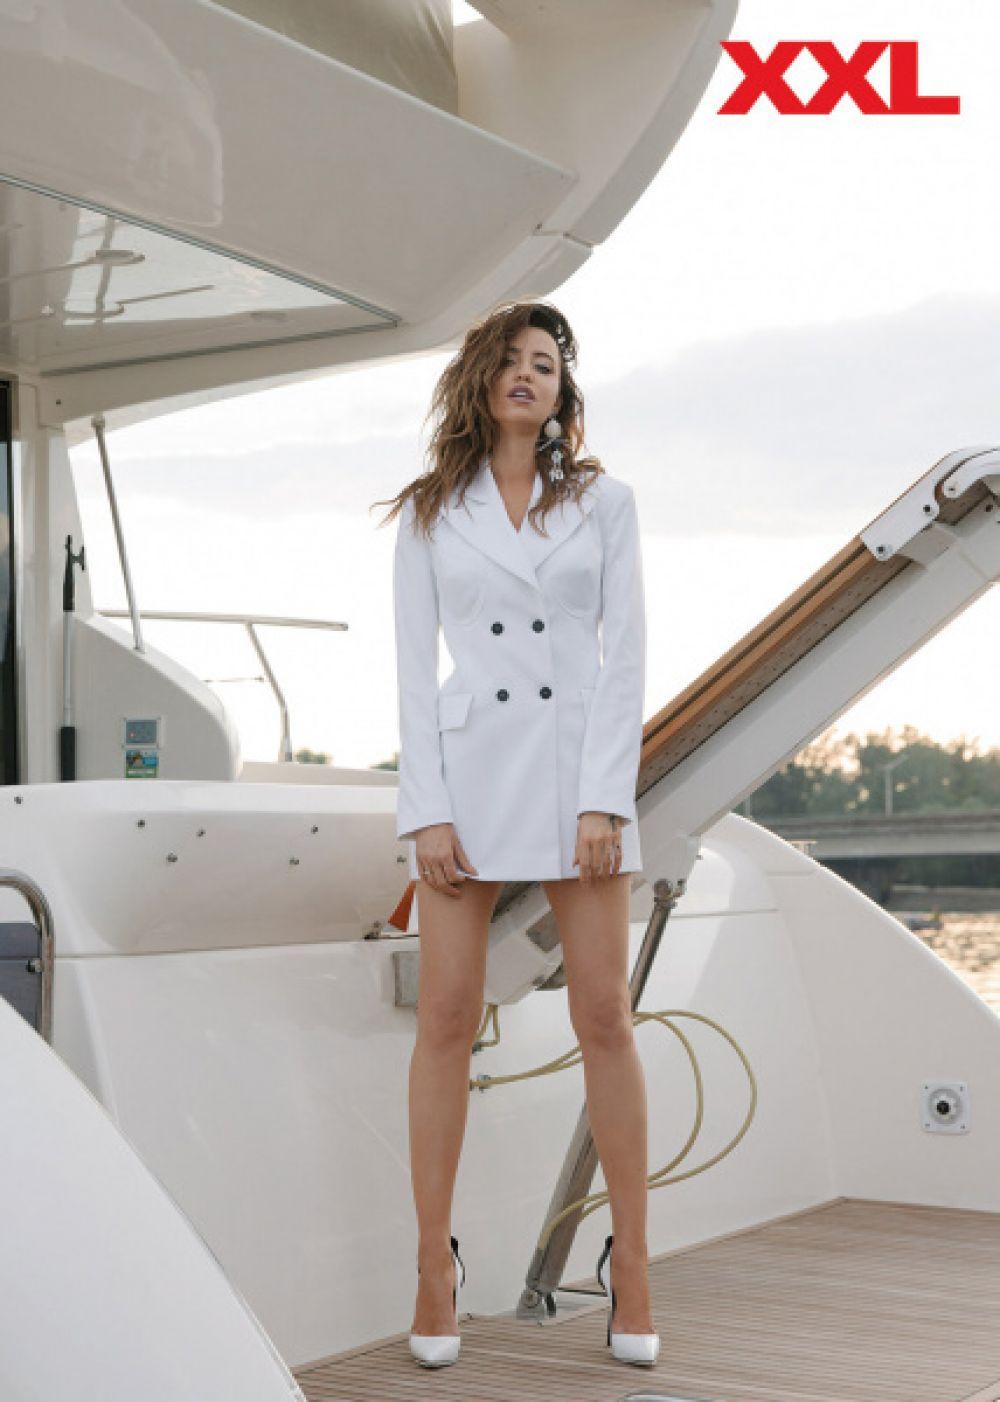 Подписчики певицы особенно отметили ее элегантный образ в белом платье-пиджаке и с оригинальными аксессуарами.